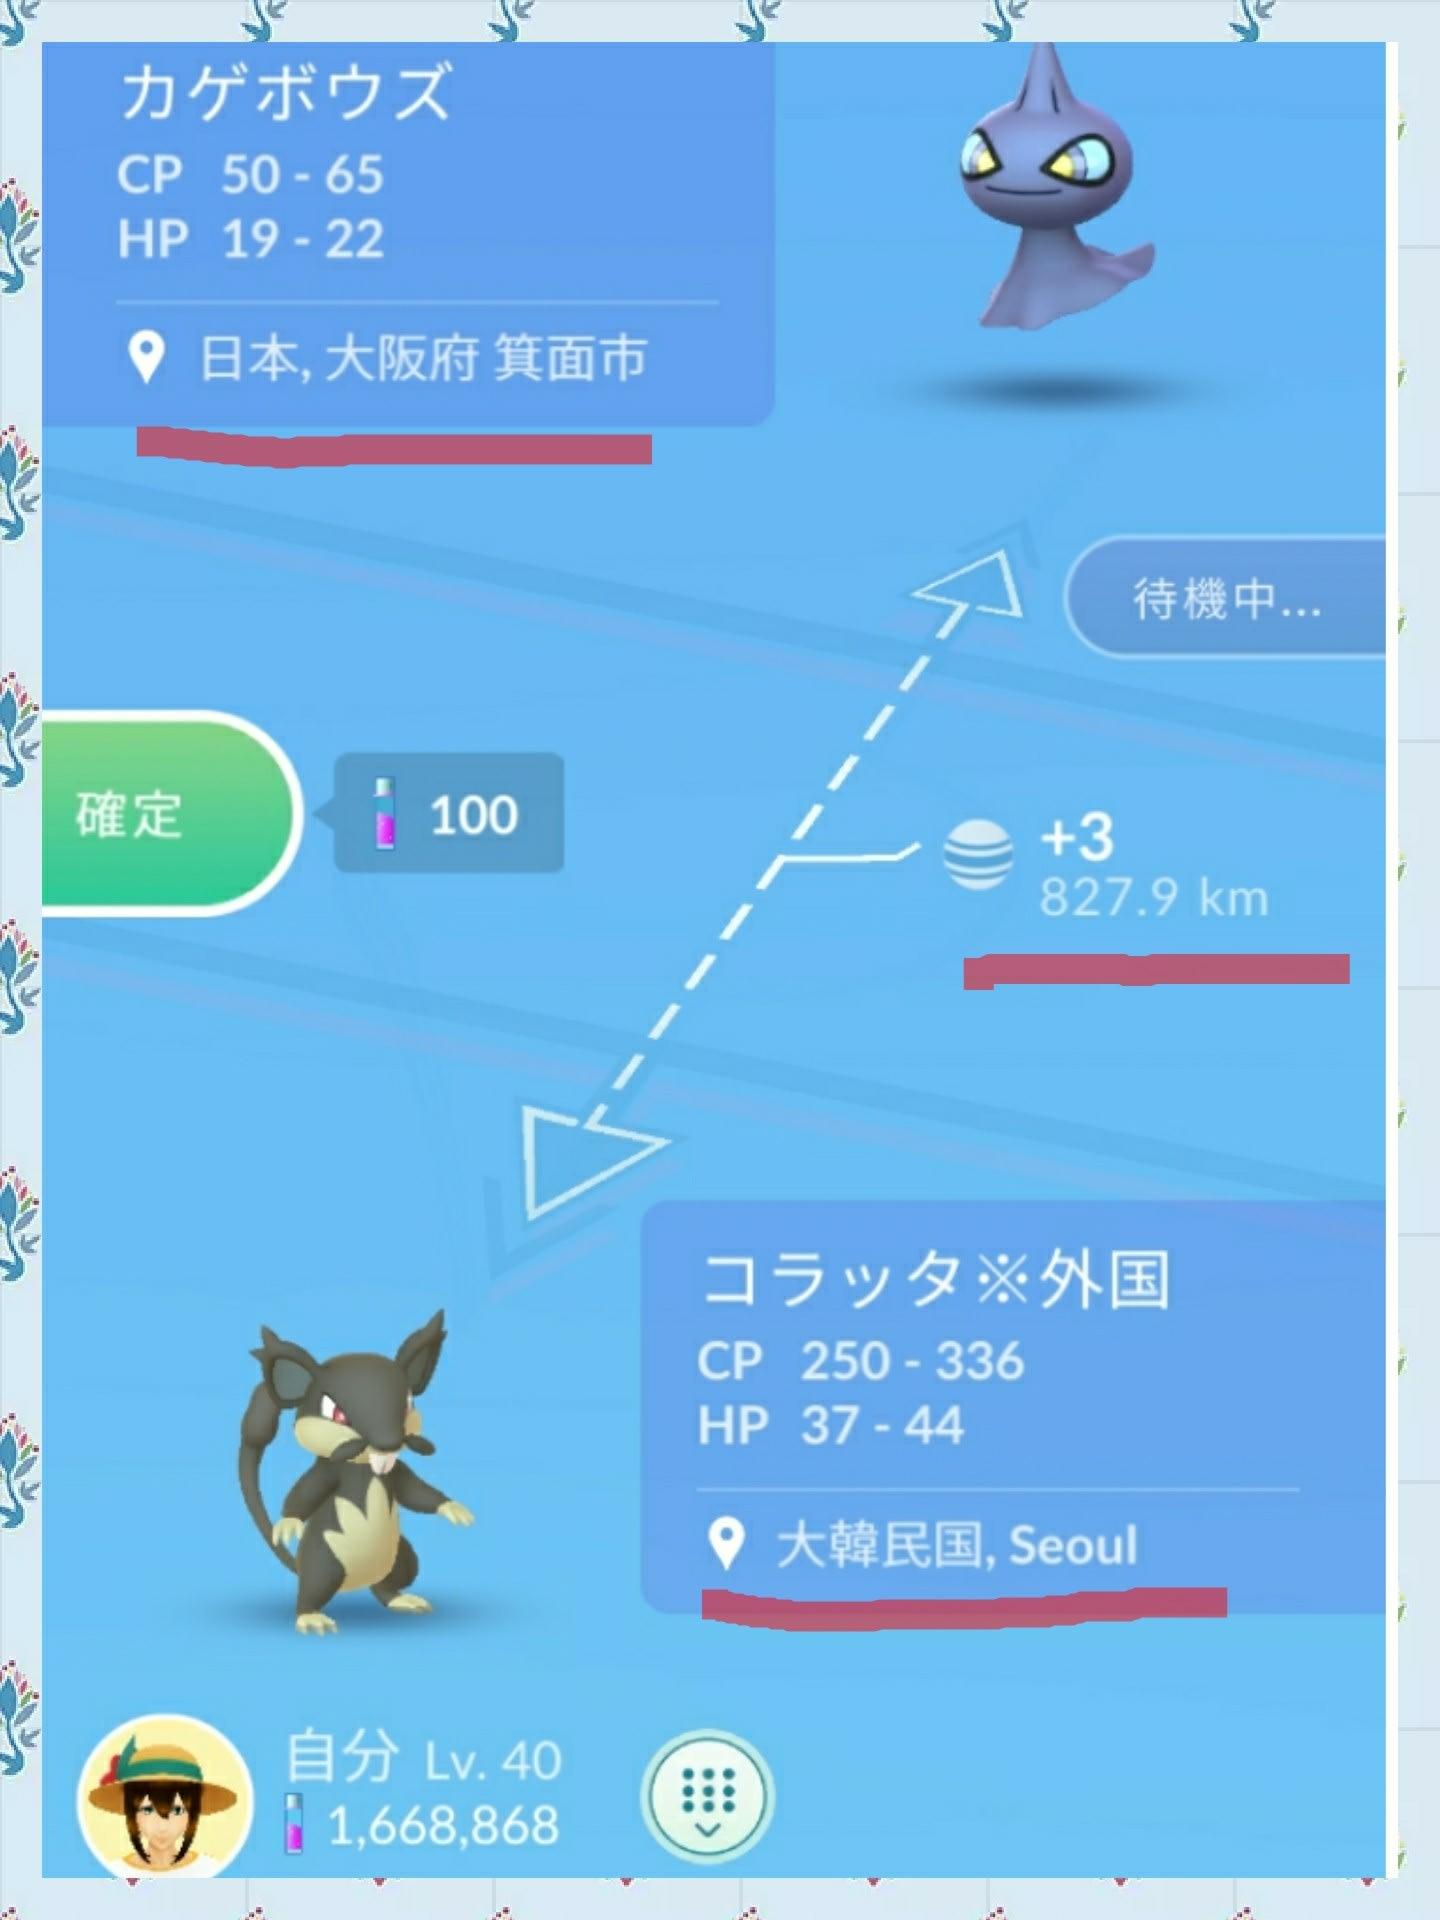 ポケモンgo 卵 7キロ 海外